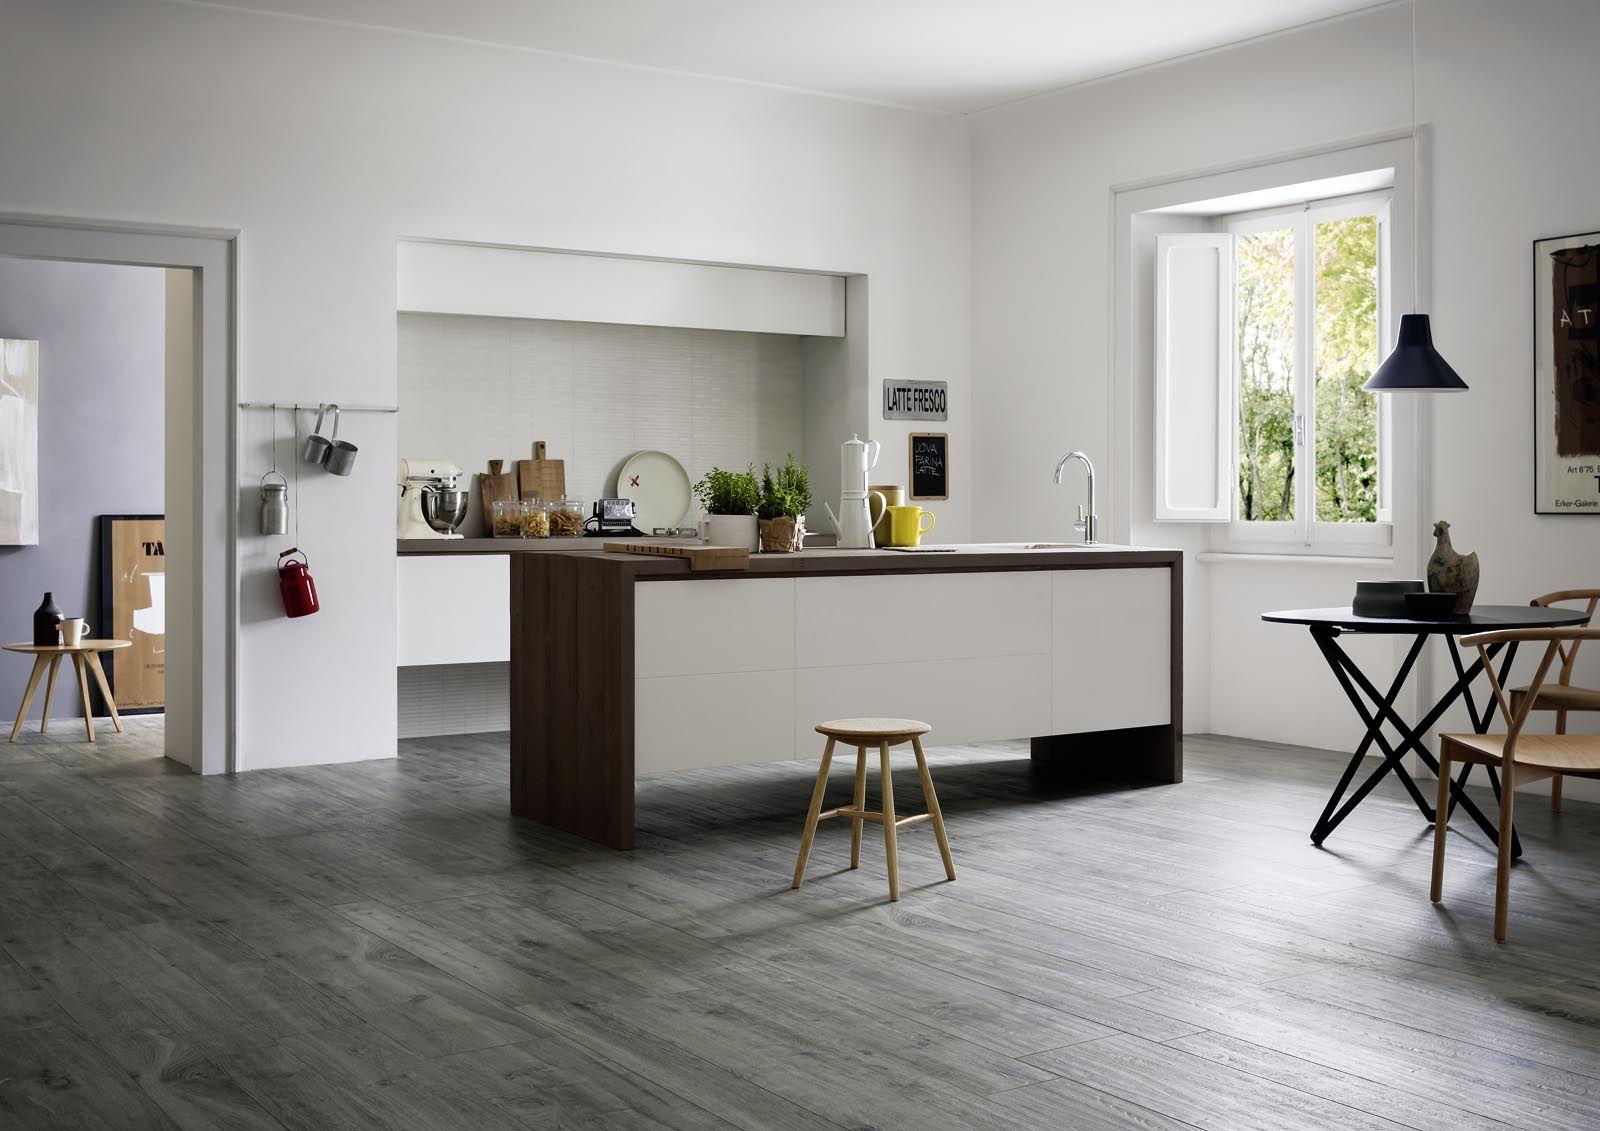 Disegno piastrelle effetto legno cucina : Piastrelle Cucina: idee e soluzioni in ceramica e gres - Marazzi ...